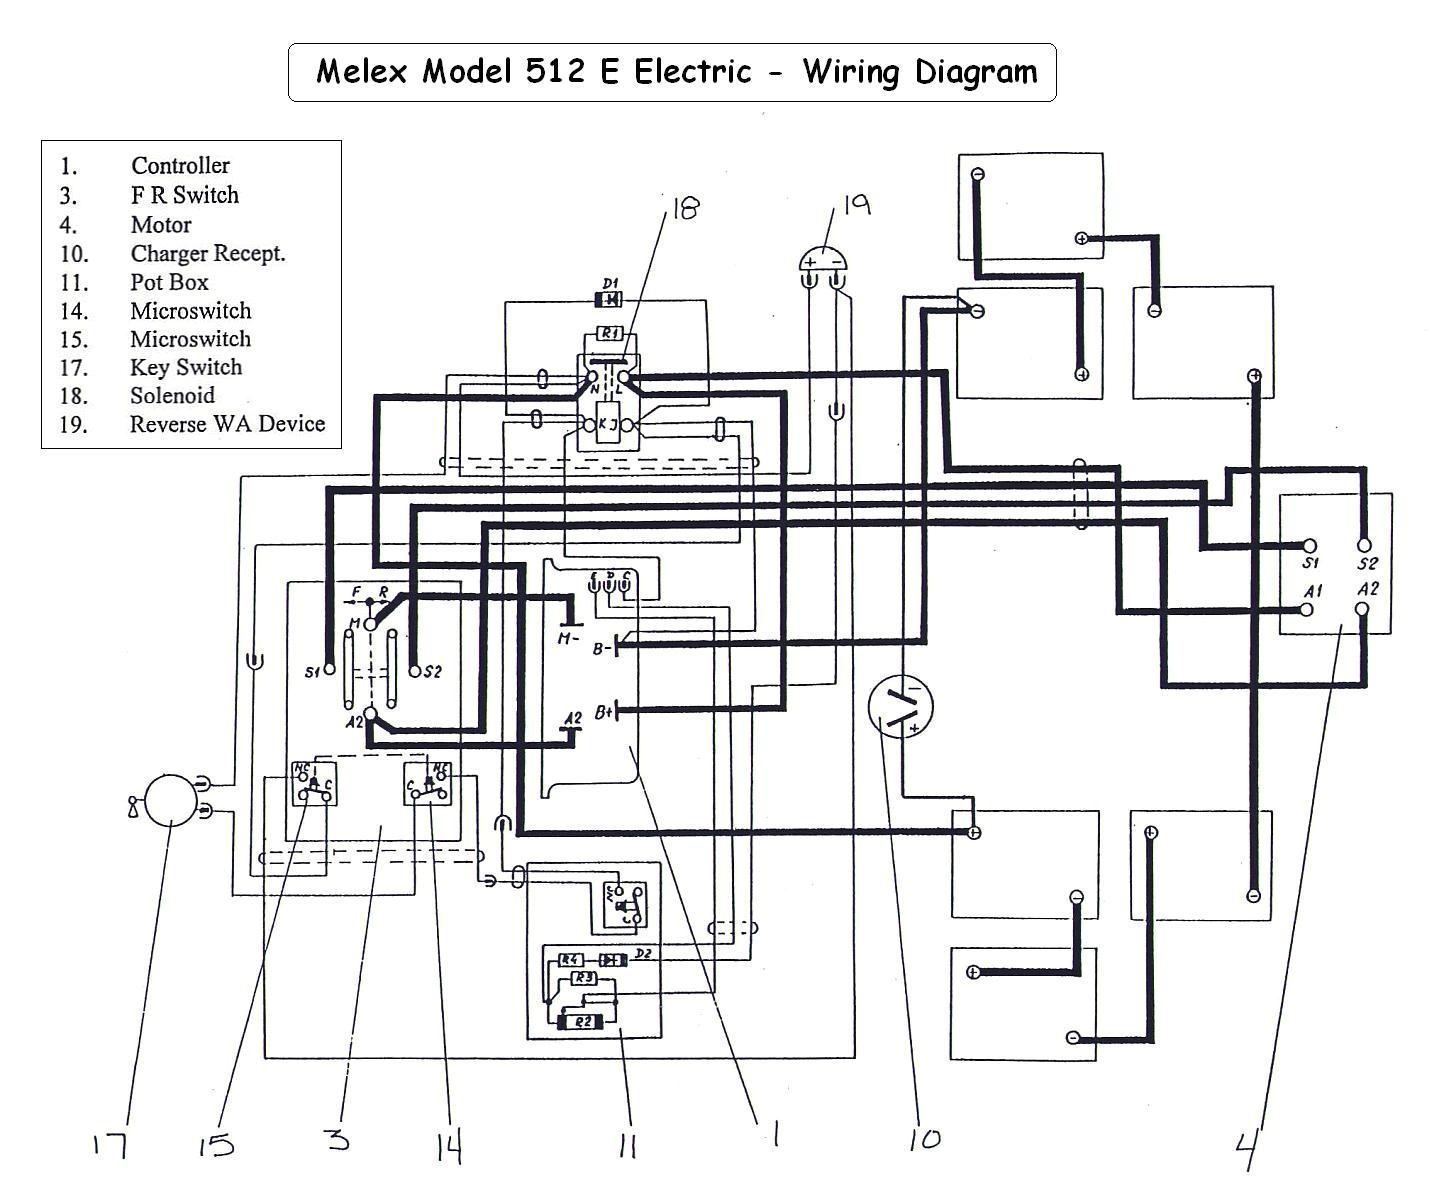 melex 512 wiring diagram wiring diagram name melex 212 wiring diagram